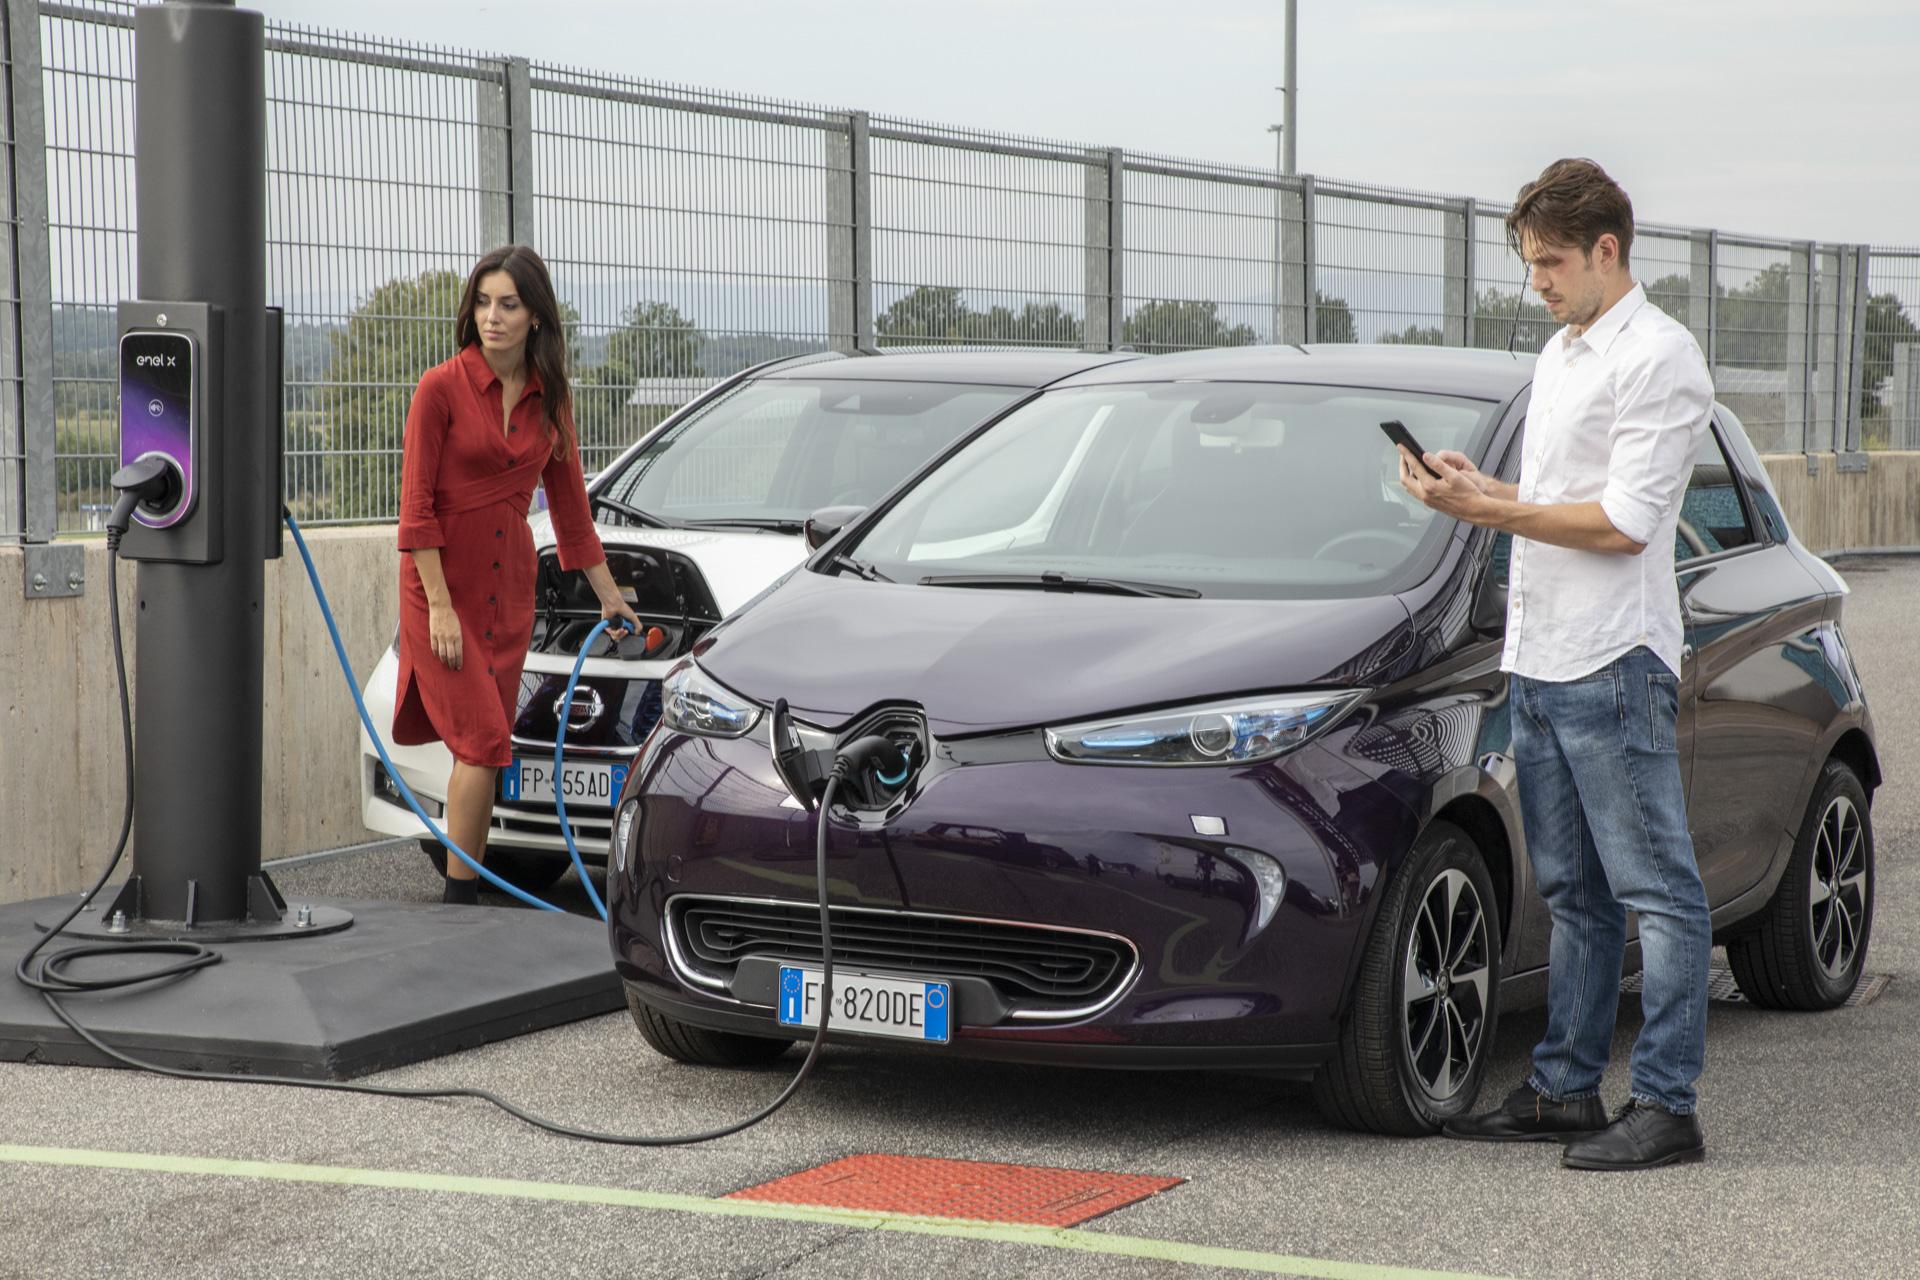 Enel intenţionează să pună cel puţin 700 de staţii de încărcare a maşinilor electrice pe străzile din România în următorii patru ani. Investiţii de 15 milioane de euro în 4 ani